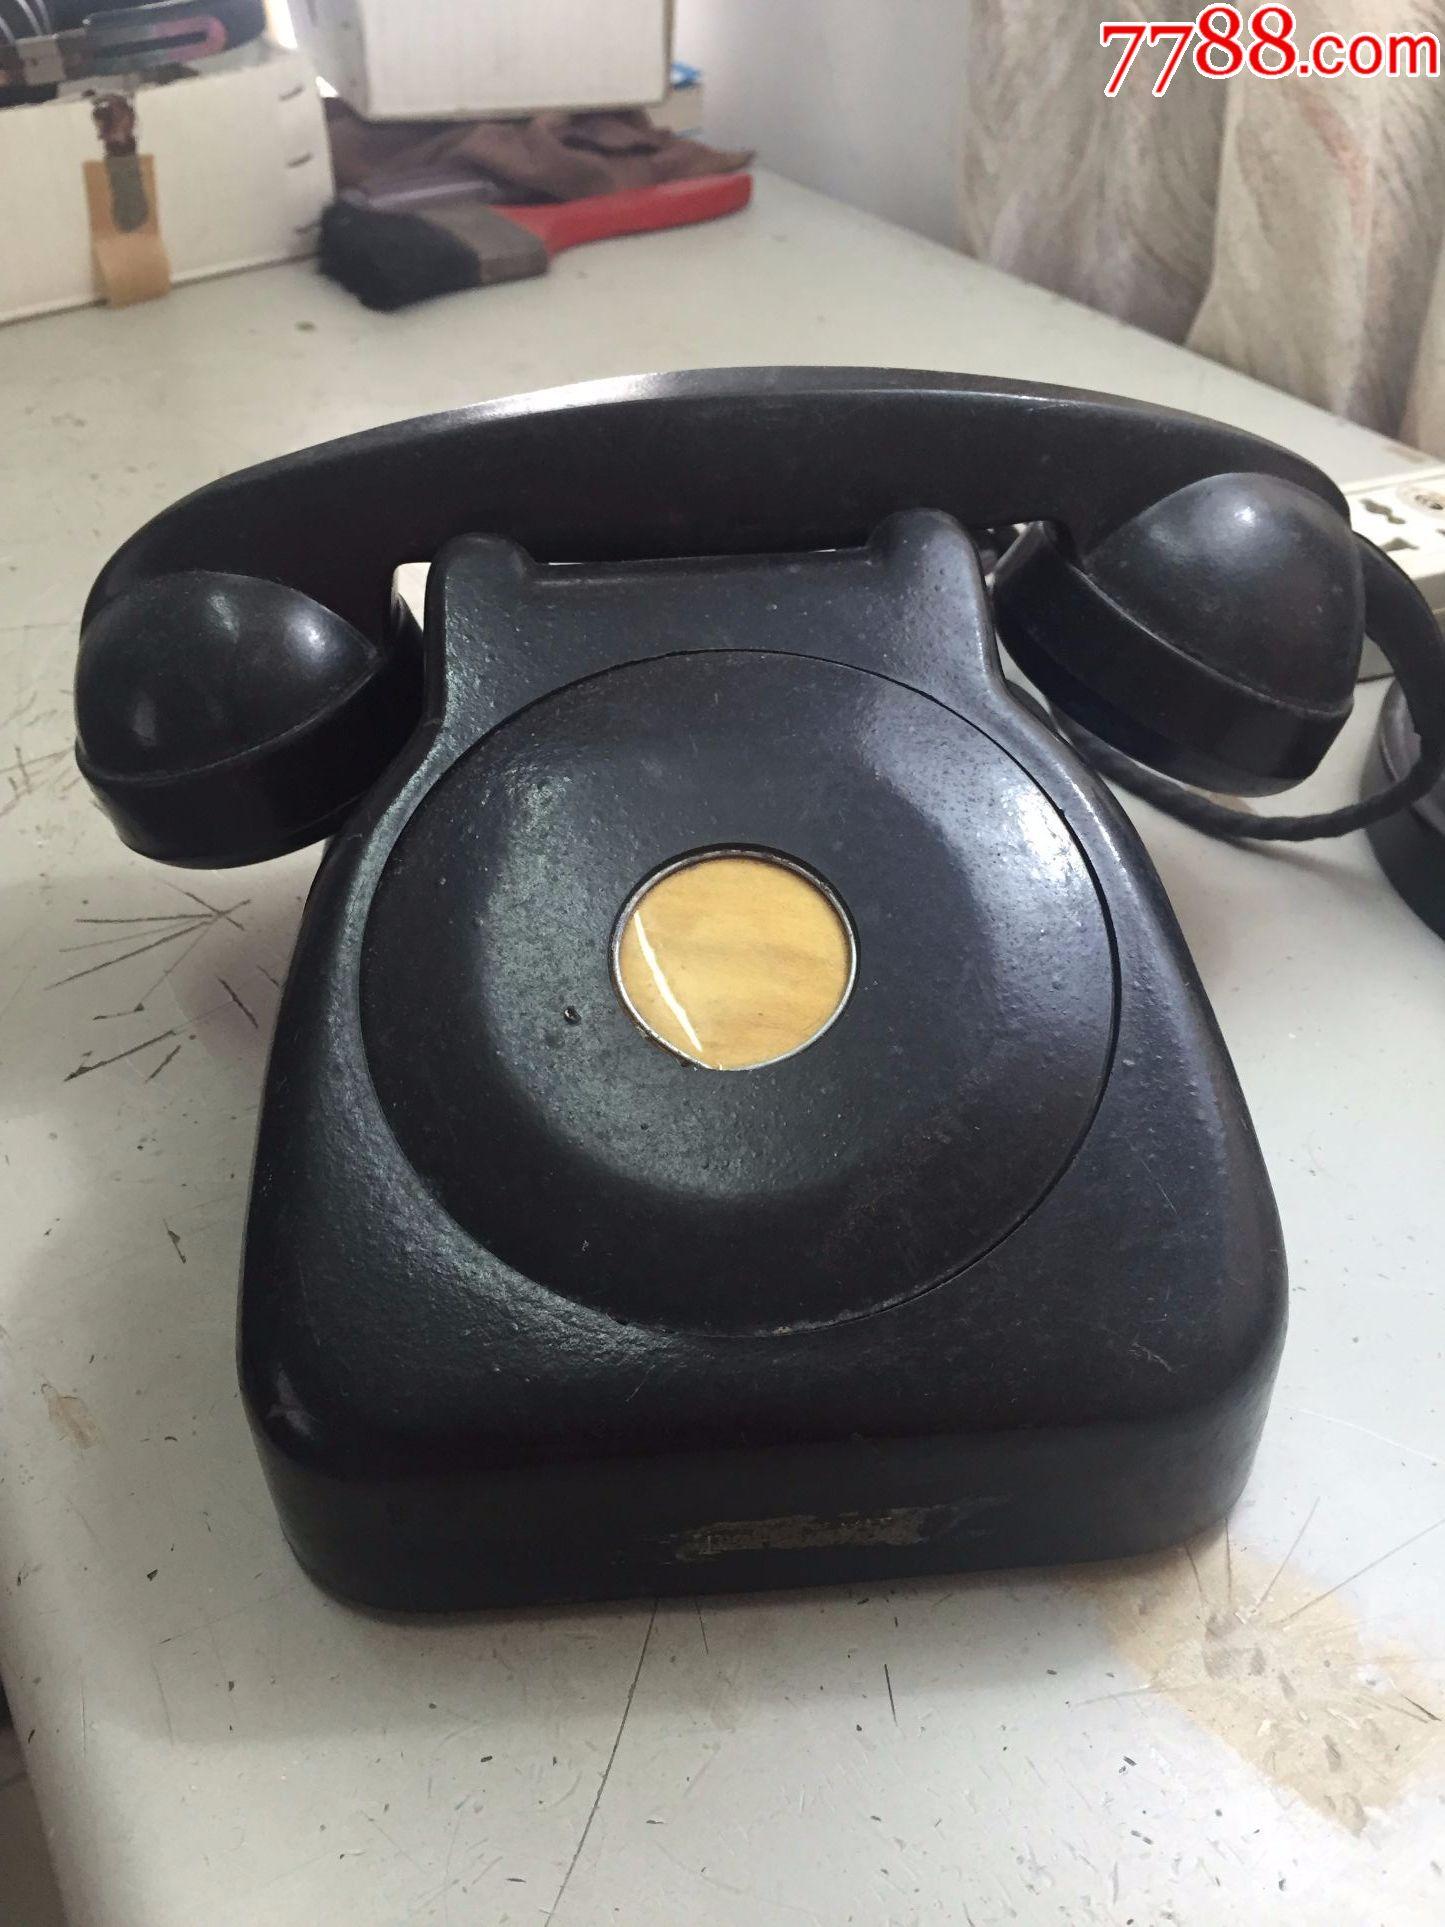 胶木无号盘专用电话(au13233048)_